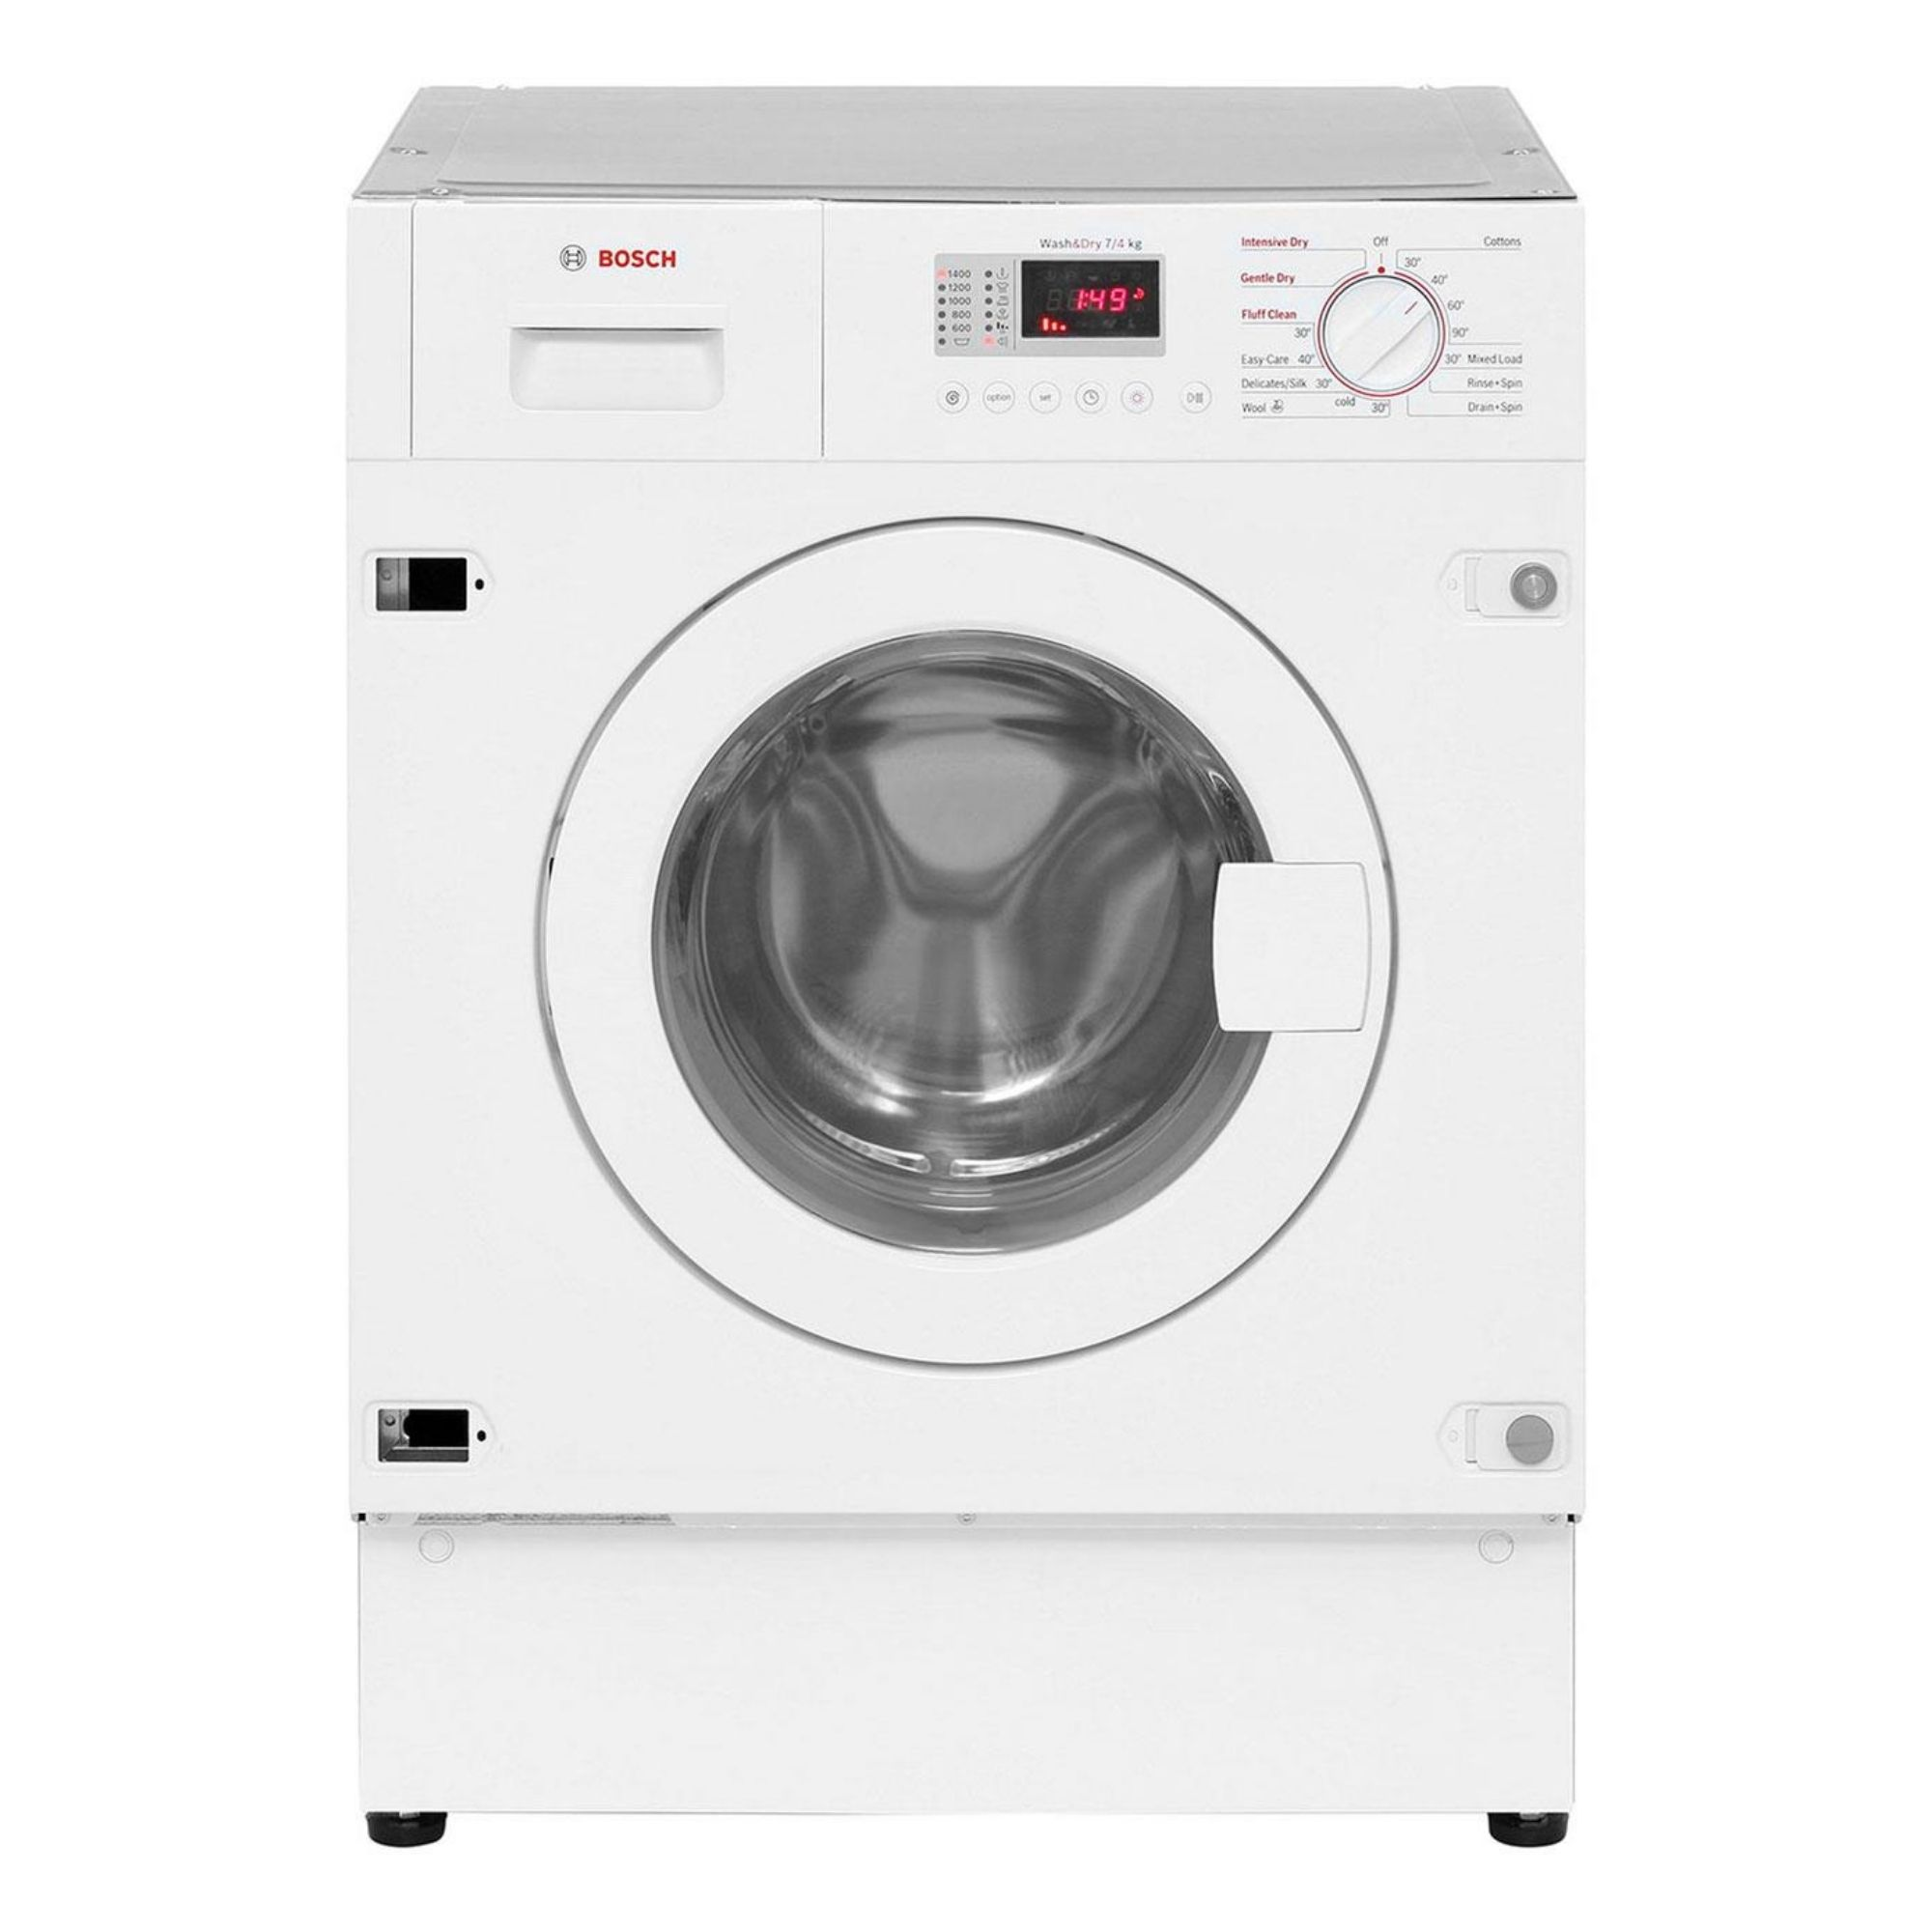 Bosch WKD GB White Built In Washer Dryer Departments